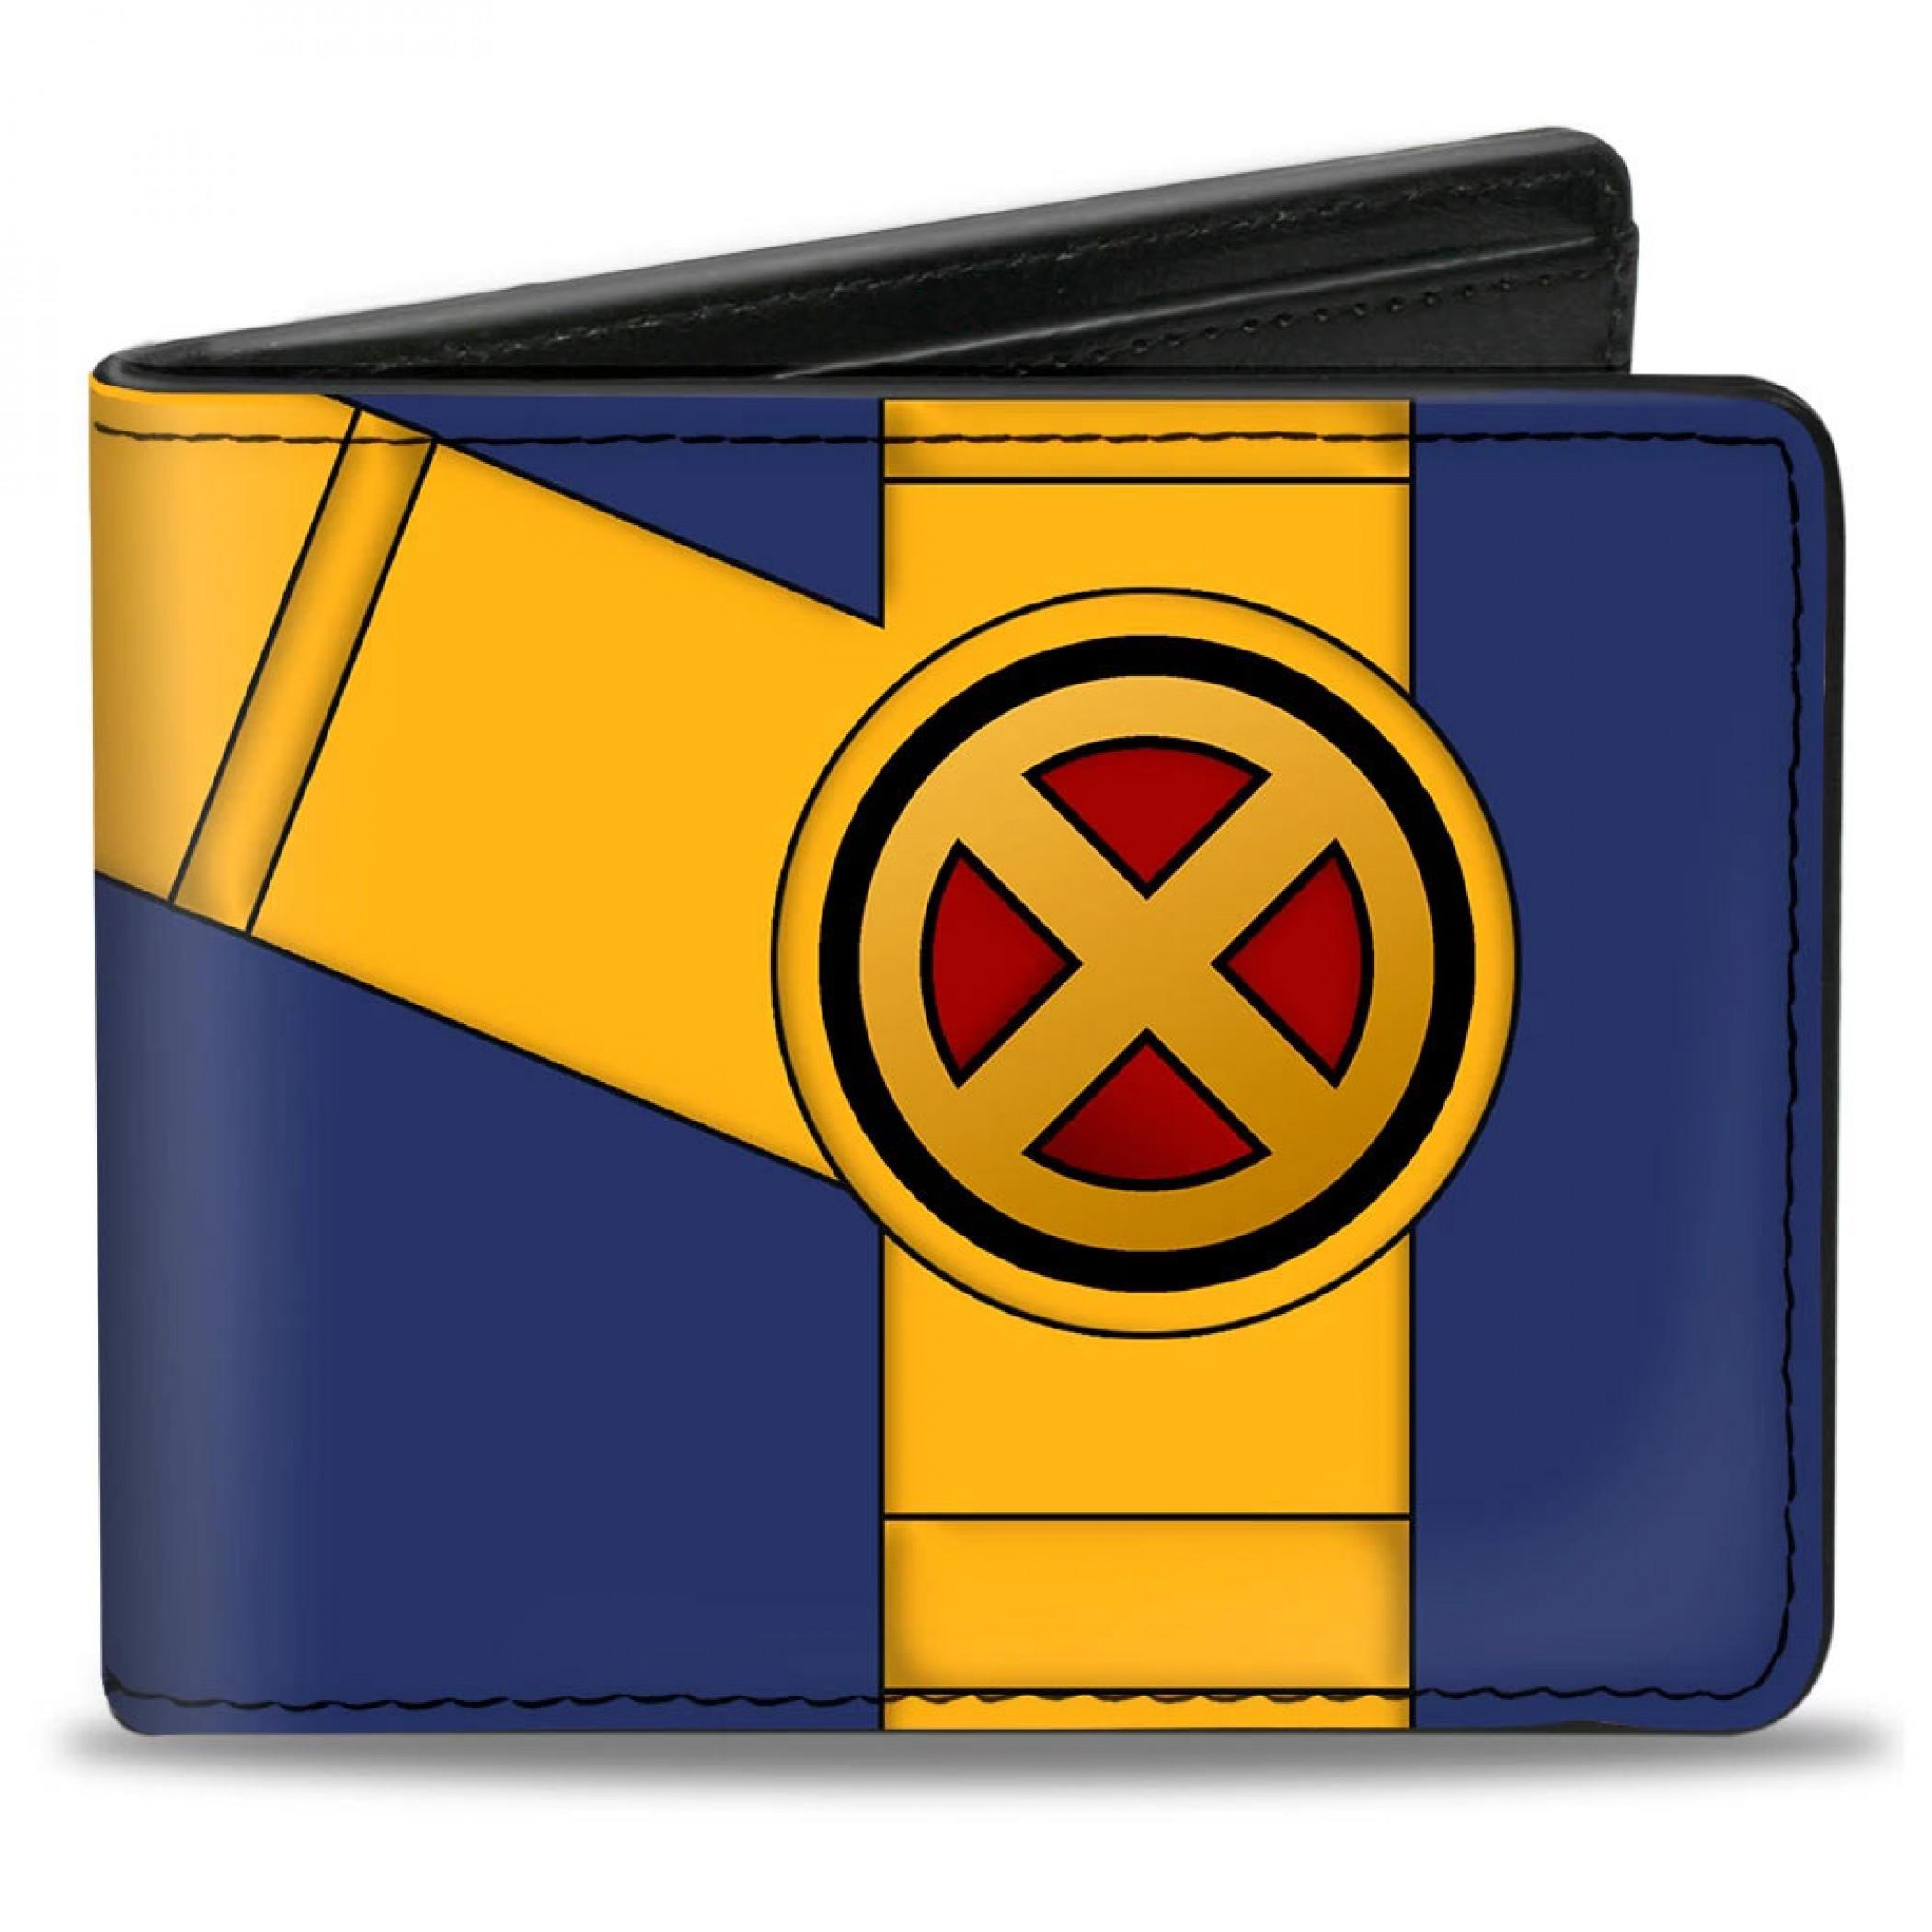 Cyclops Retro Wallet